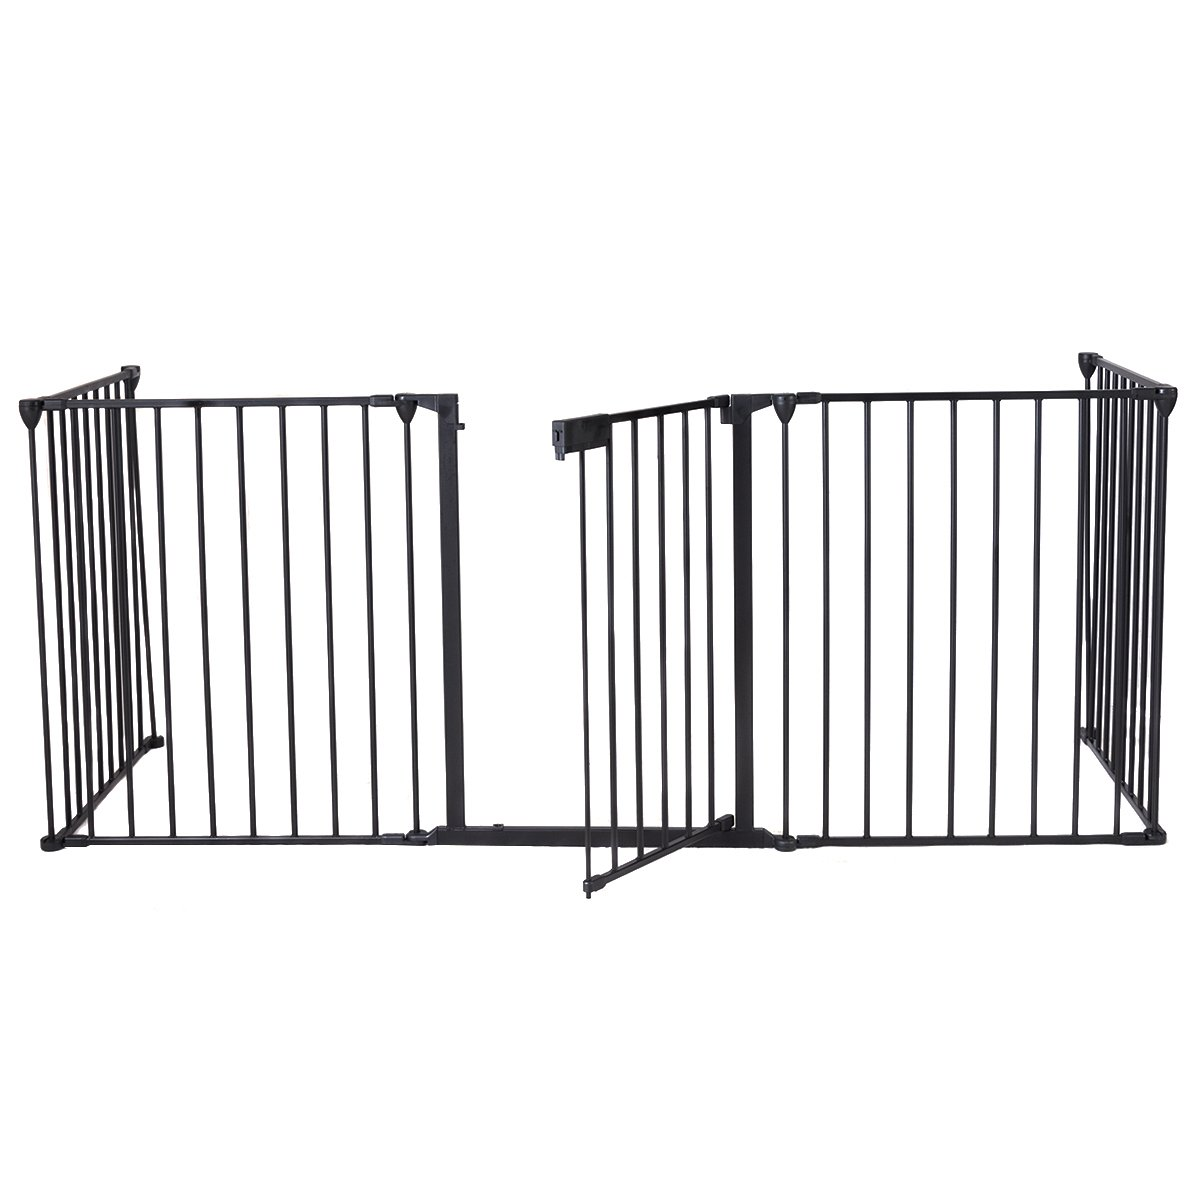 Barri/ère de S/écurit/é Barri/ère Grill de Protection Cl/ôture Enfant pour Porte 300 x 75 cm 5 Pi/èces